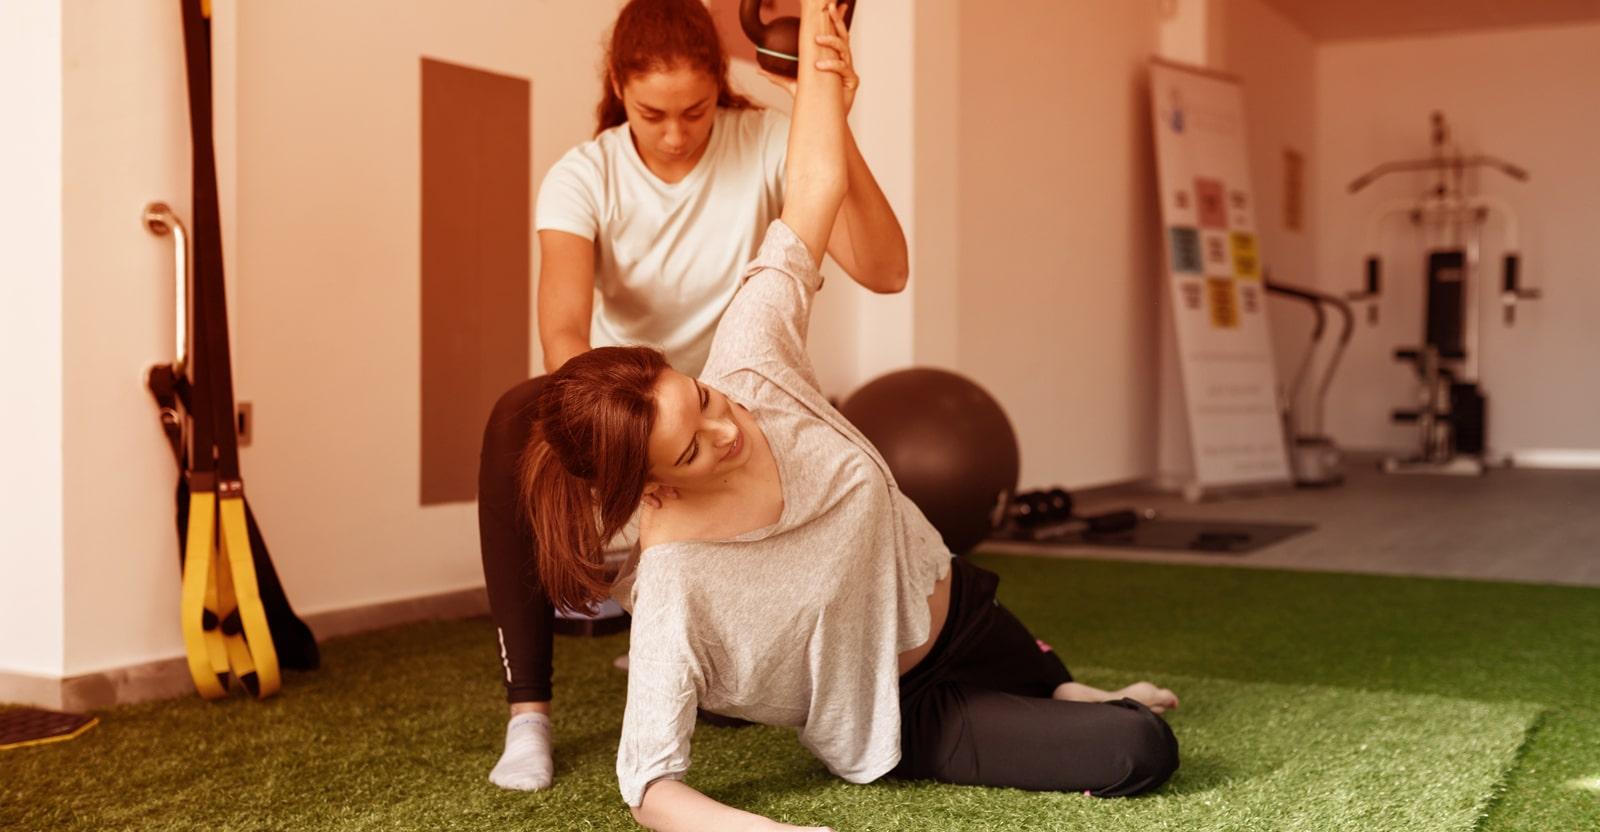 Pós-graduação em Prevenção, Reabilitação e Prescrição de Exercícios Voltados para as Lesões e Doenças Musculoesqueléticas